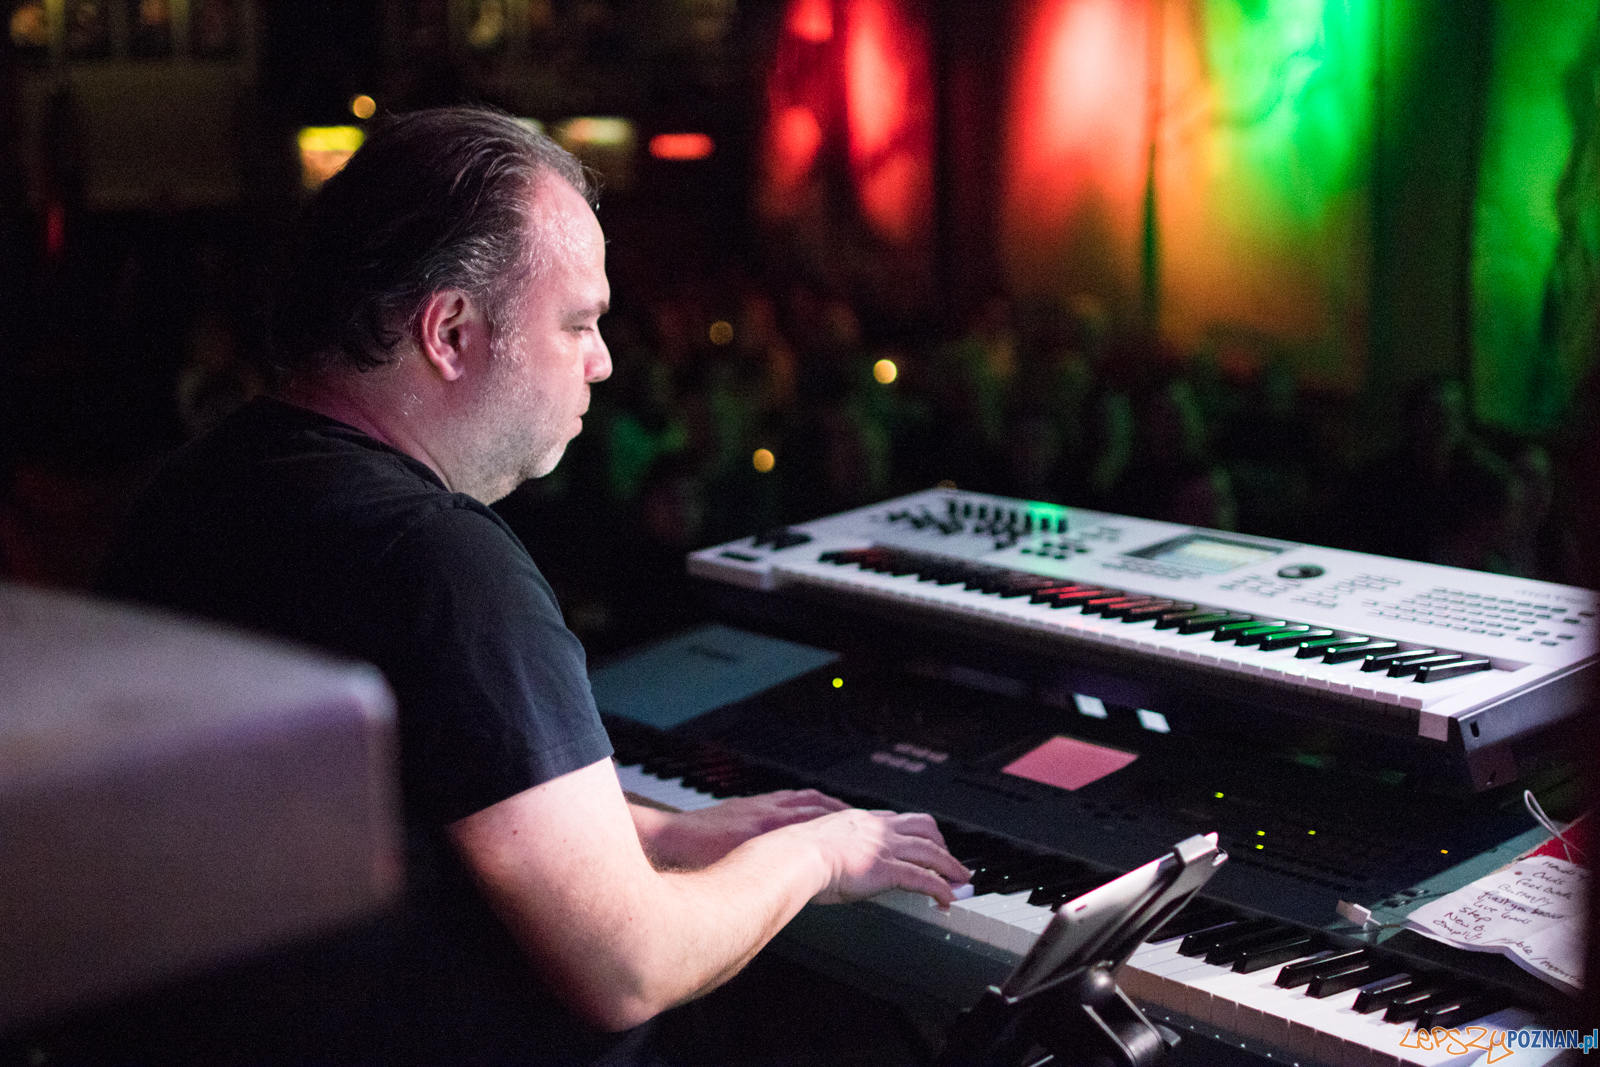 Tristan  Foto: lepszyPOZNAN.pl / Ewelina Jaśkowiak